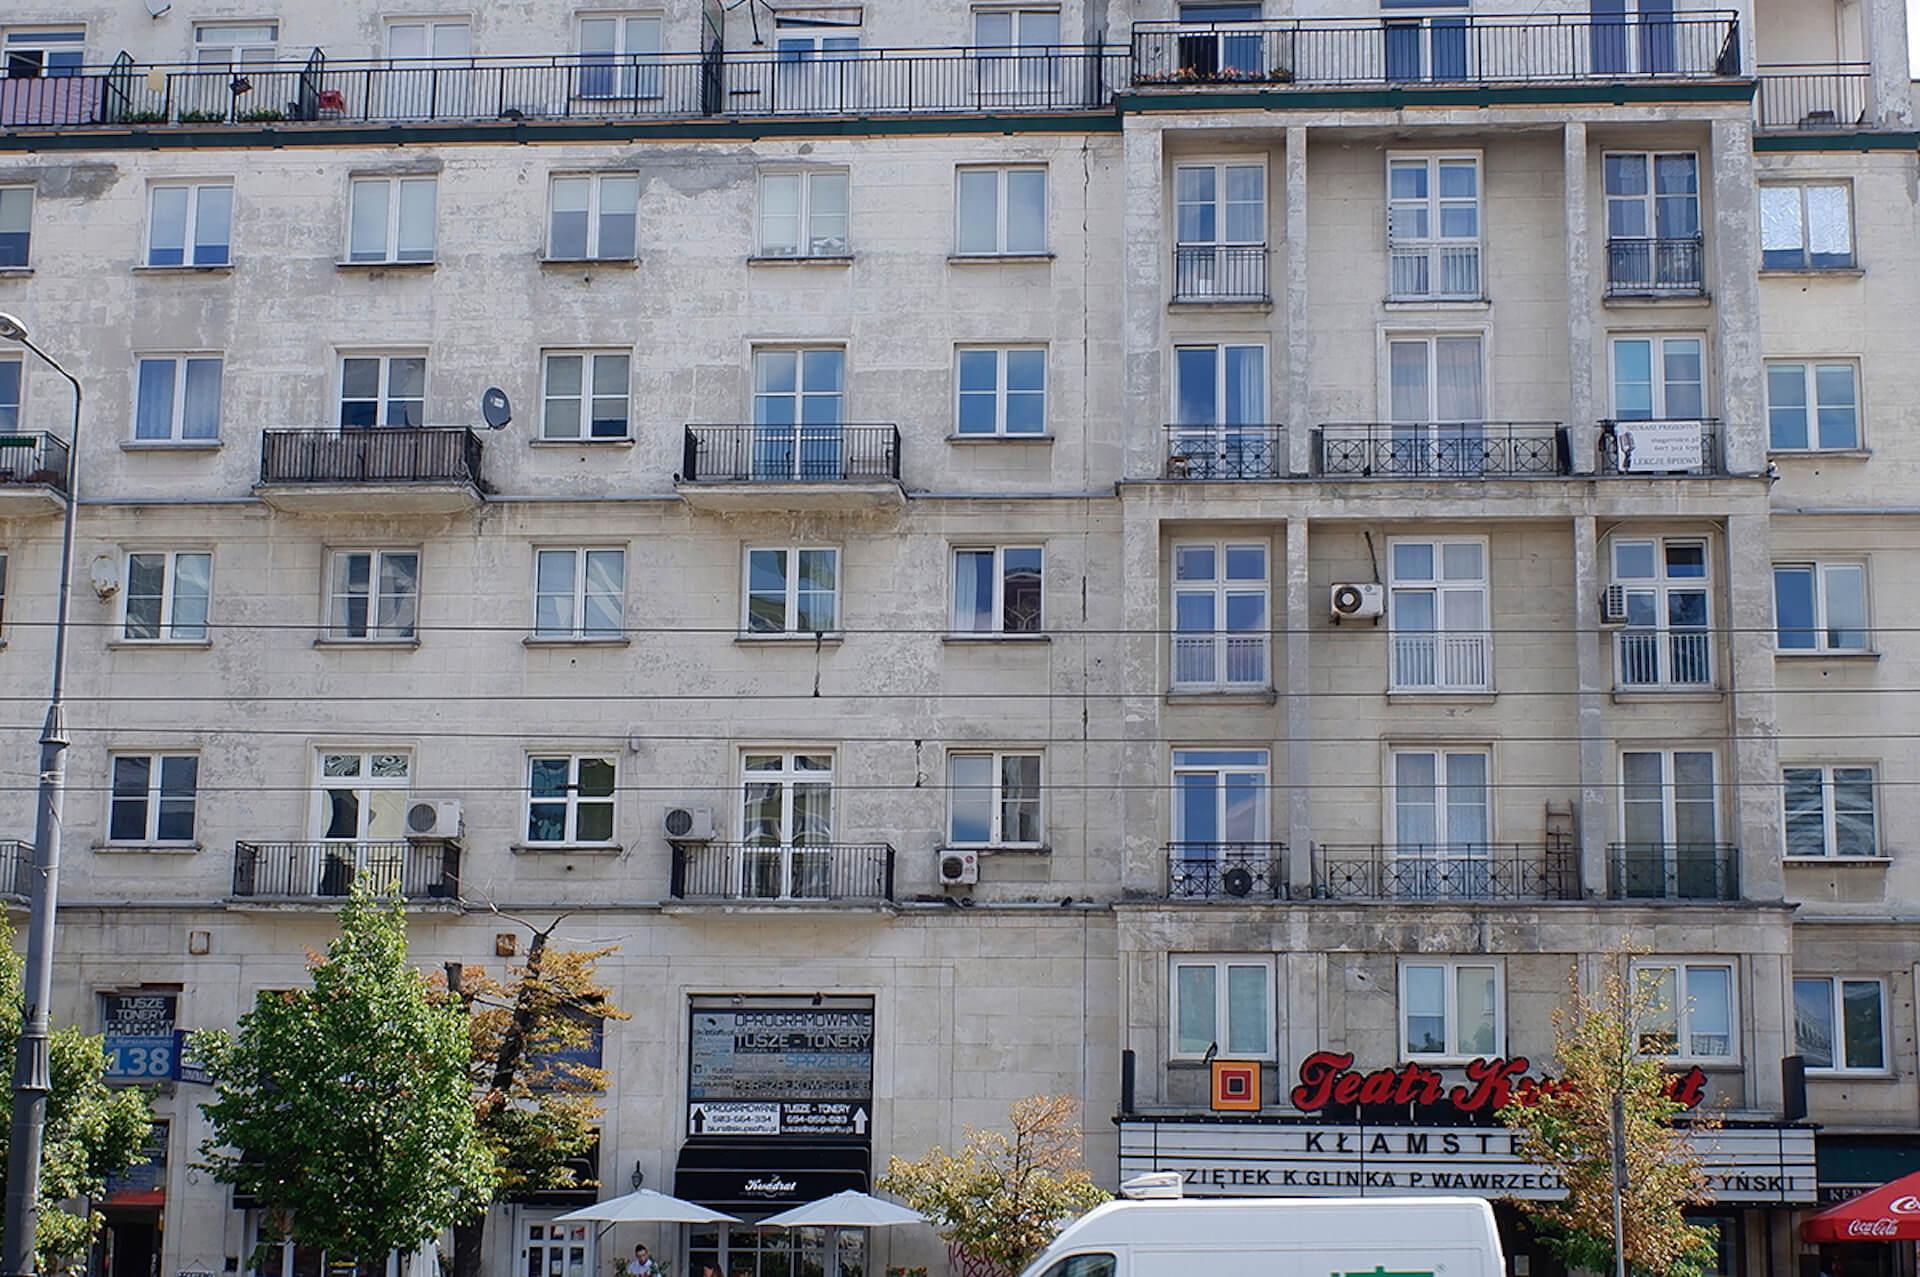 """ポーランドの""""斜めに傾いた5つ星ホテル""""『The Hotel Warszawa』で行われた非日常なパーティーをレポート! art190919_hotelwarszawa_3"""